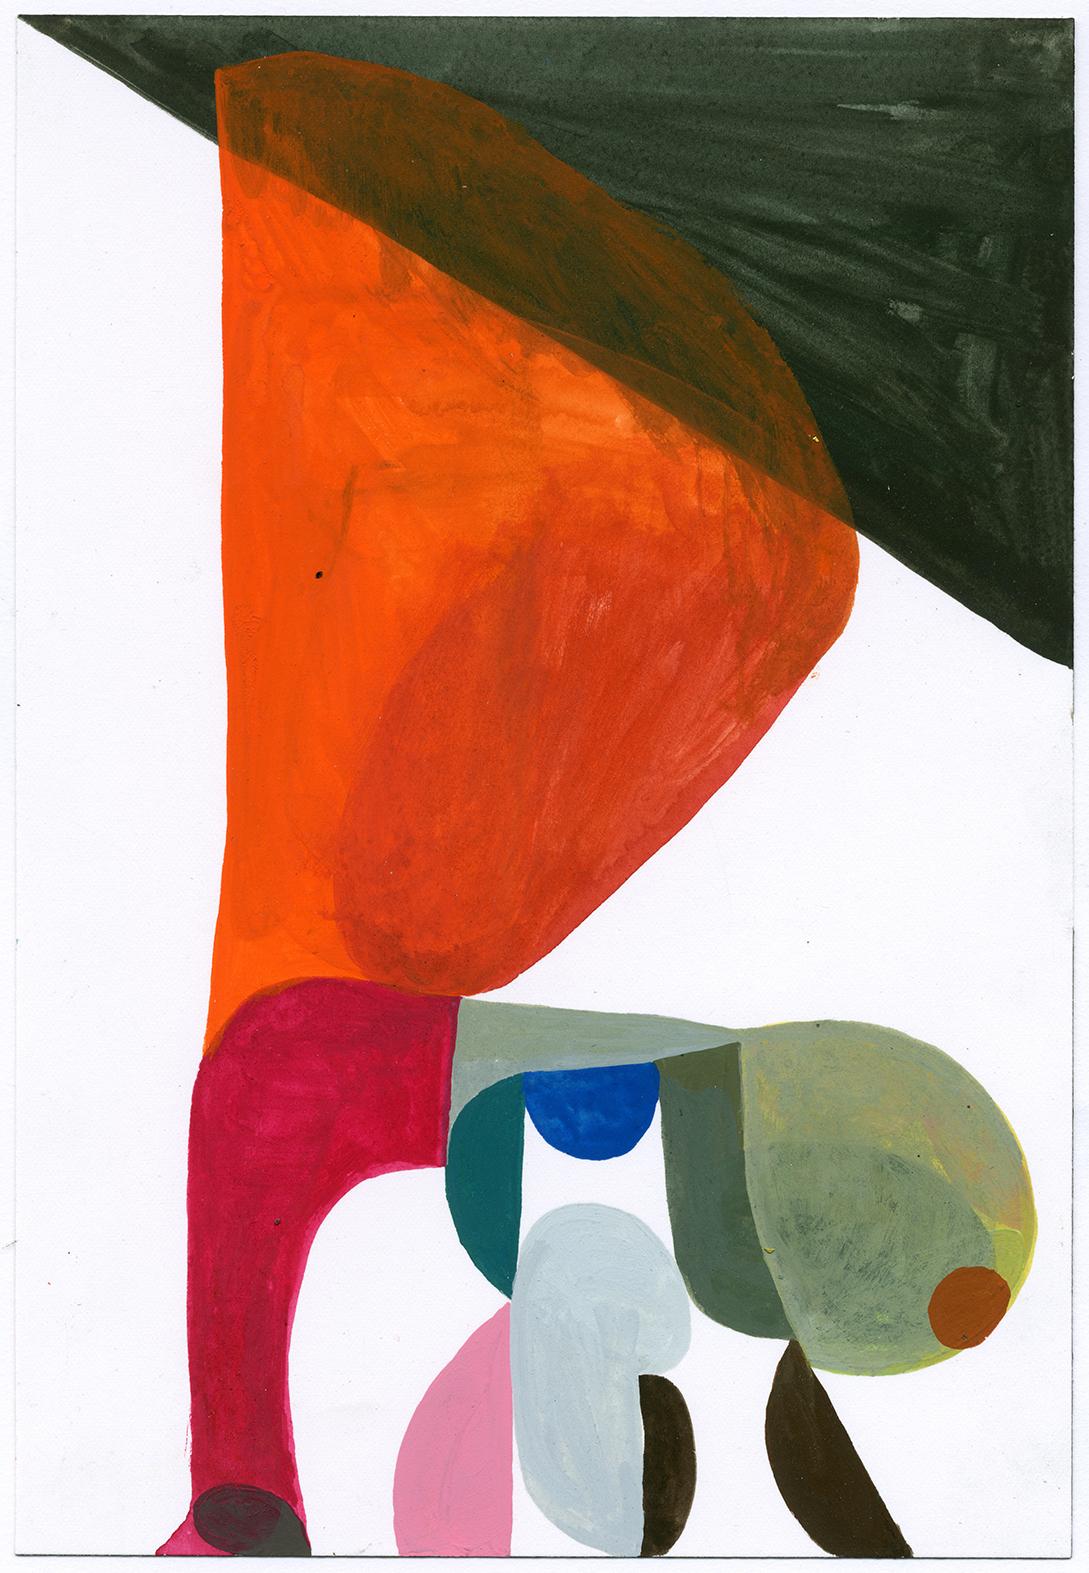 Matt Rich   Amp 10  2015 gouache on paper 10 x 7 inches